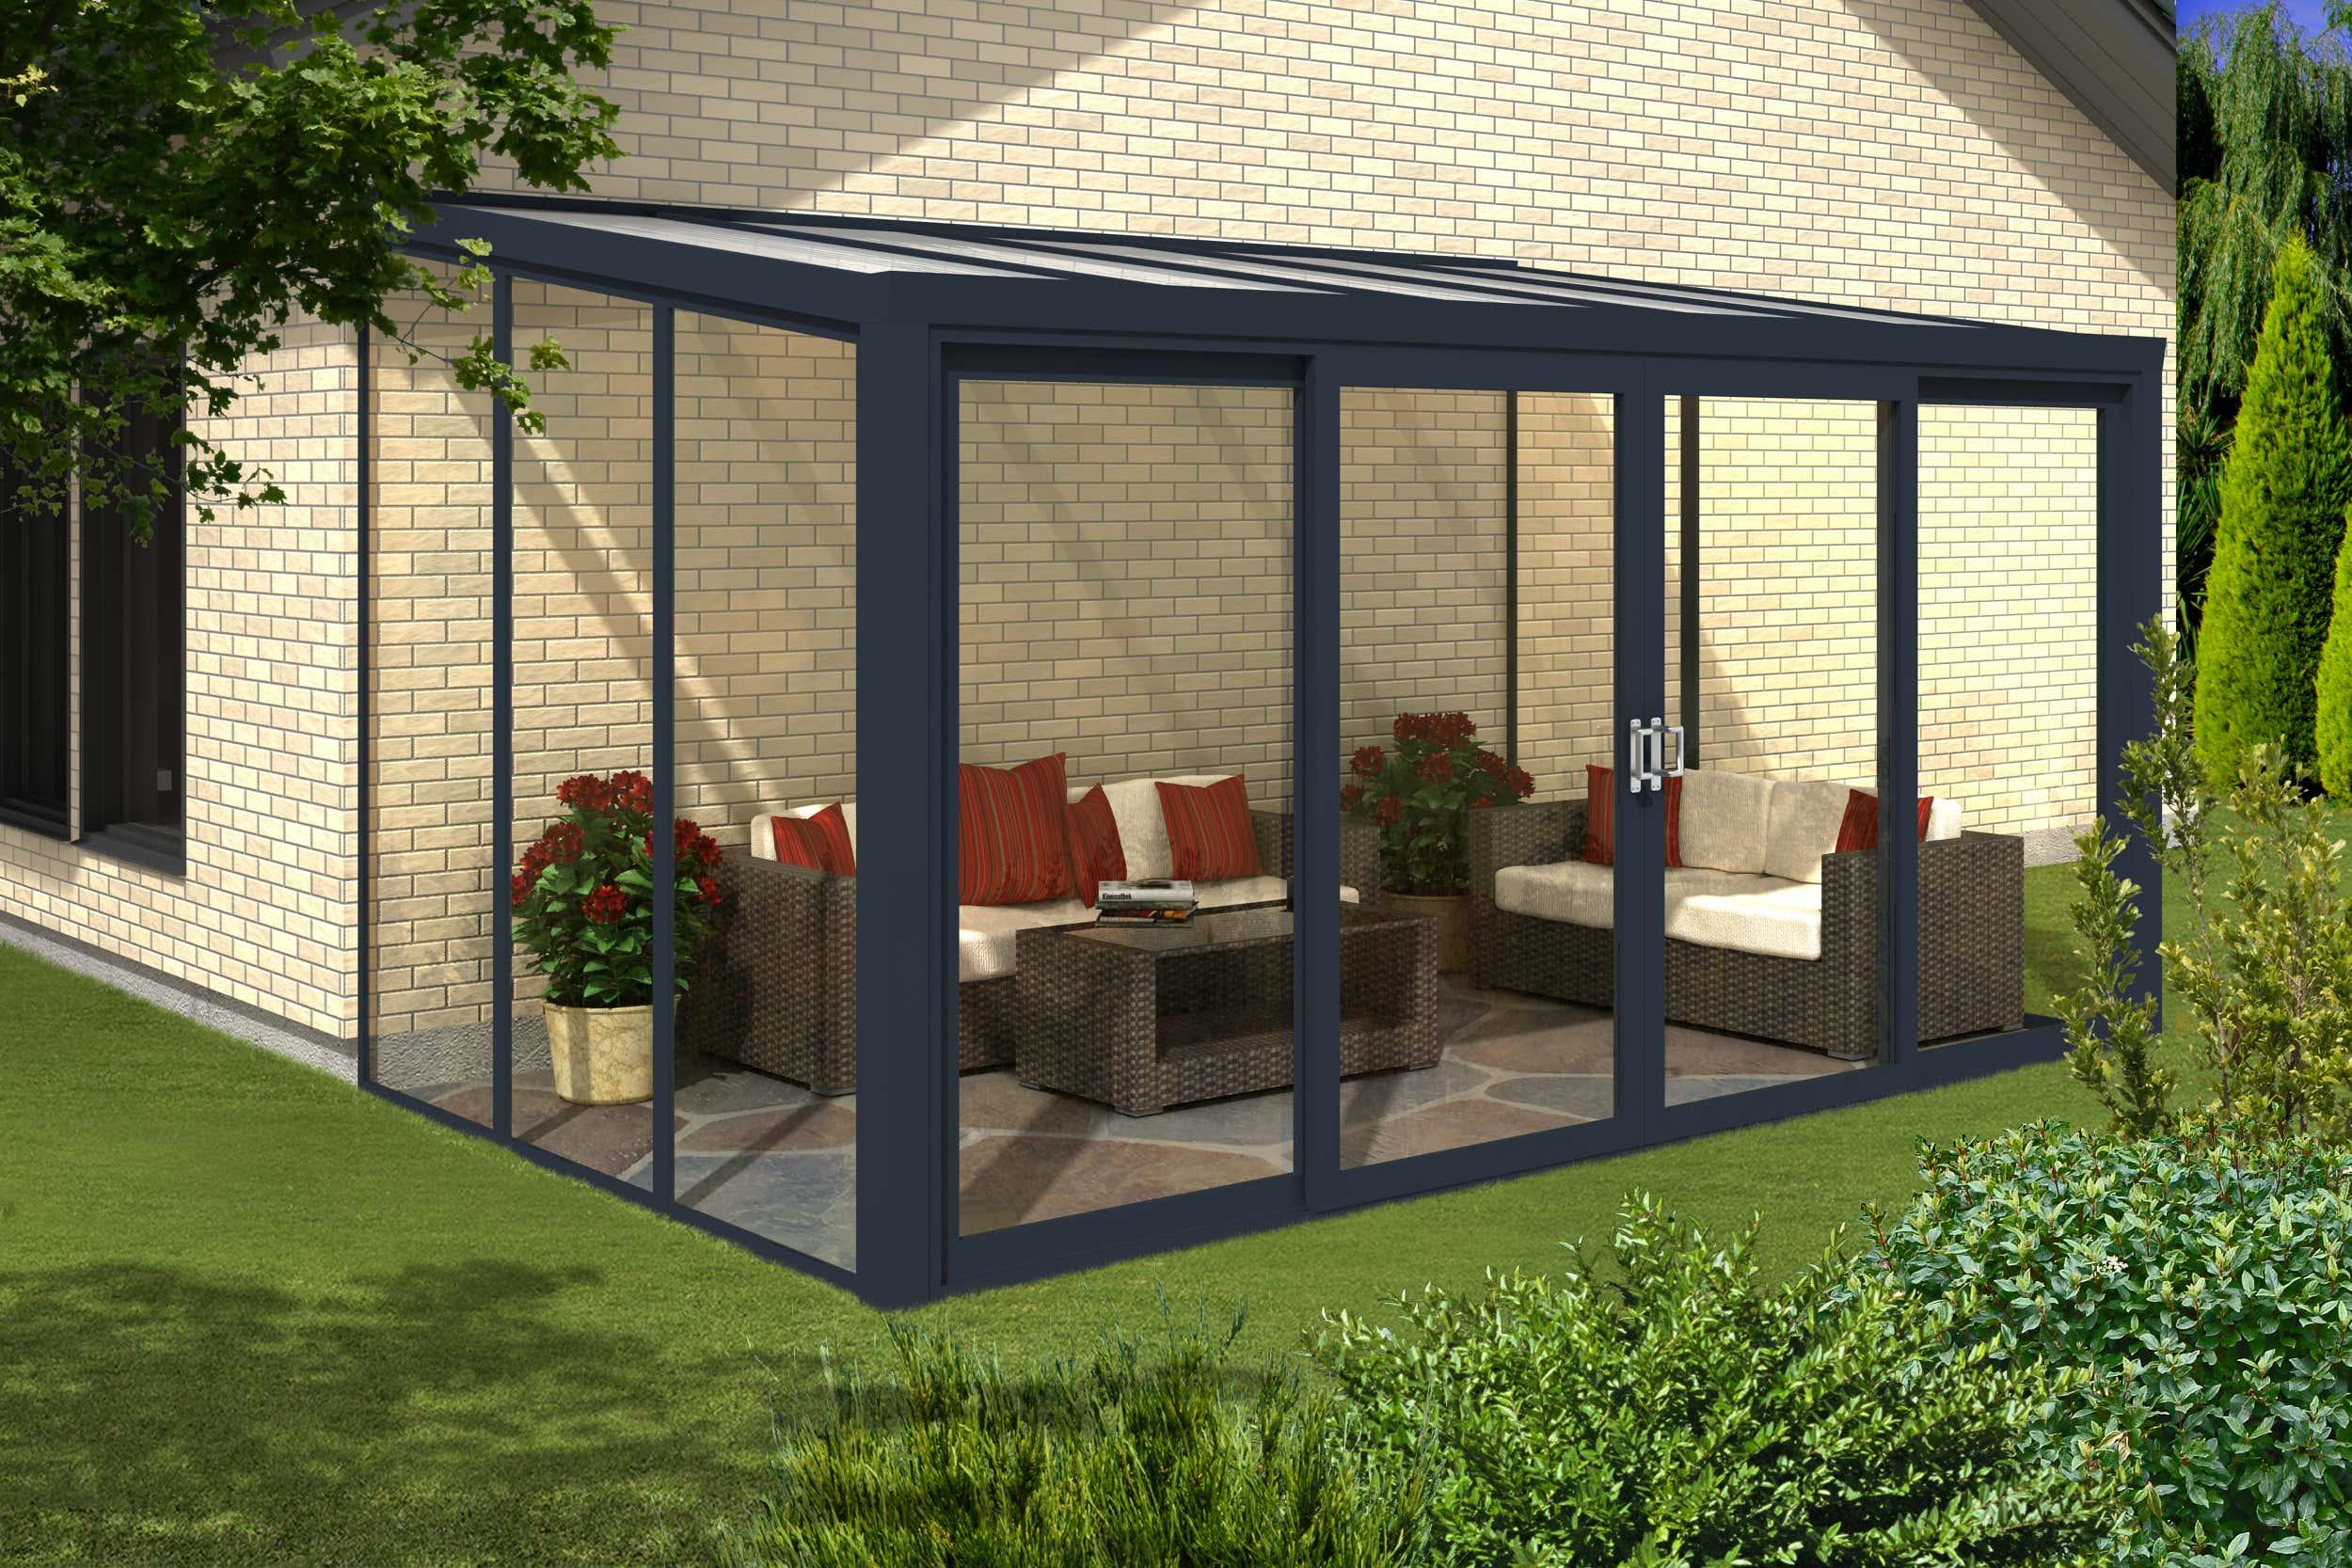 gartenzimmer 400 x 250 cm mit 4 teiliger schiebet r a z gartenhaus gmbh. Black Bedroom Furniture Sets. Home Design Ideas